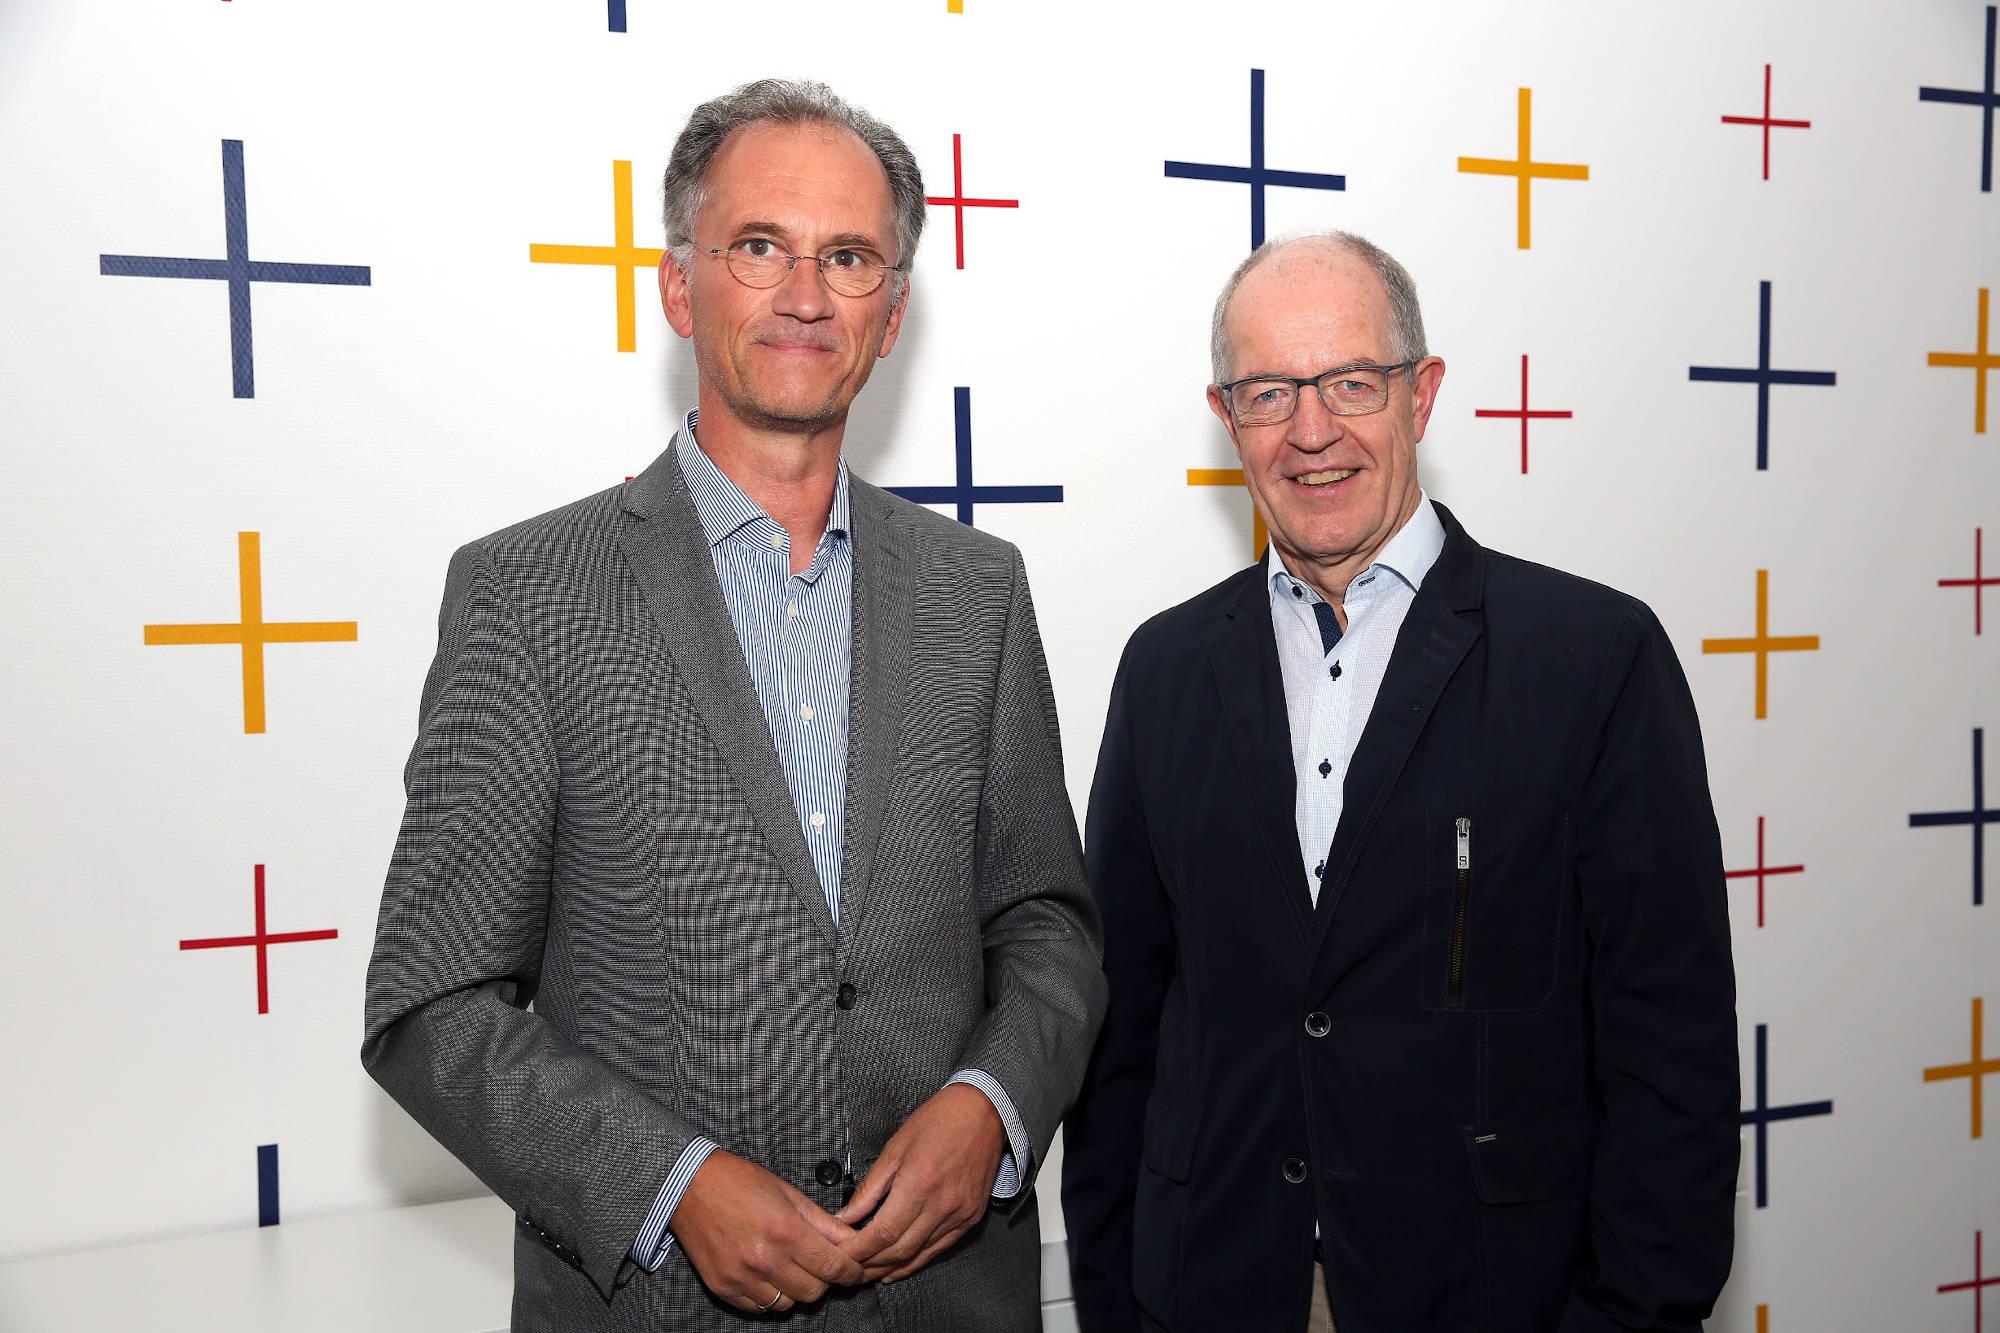 Reimund Esser ist der neue Leiter der UNICEF Arbeitsgruppe Mönchengladbach. Heute war er bei Oberbürgermeister Hans Wilhelm Reiners im Rathaus Abtei zu Gast. (Foto: Stadt Mönchengladbach)